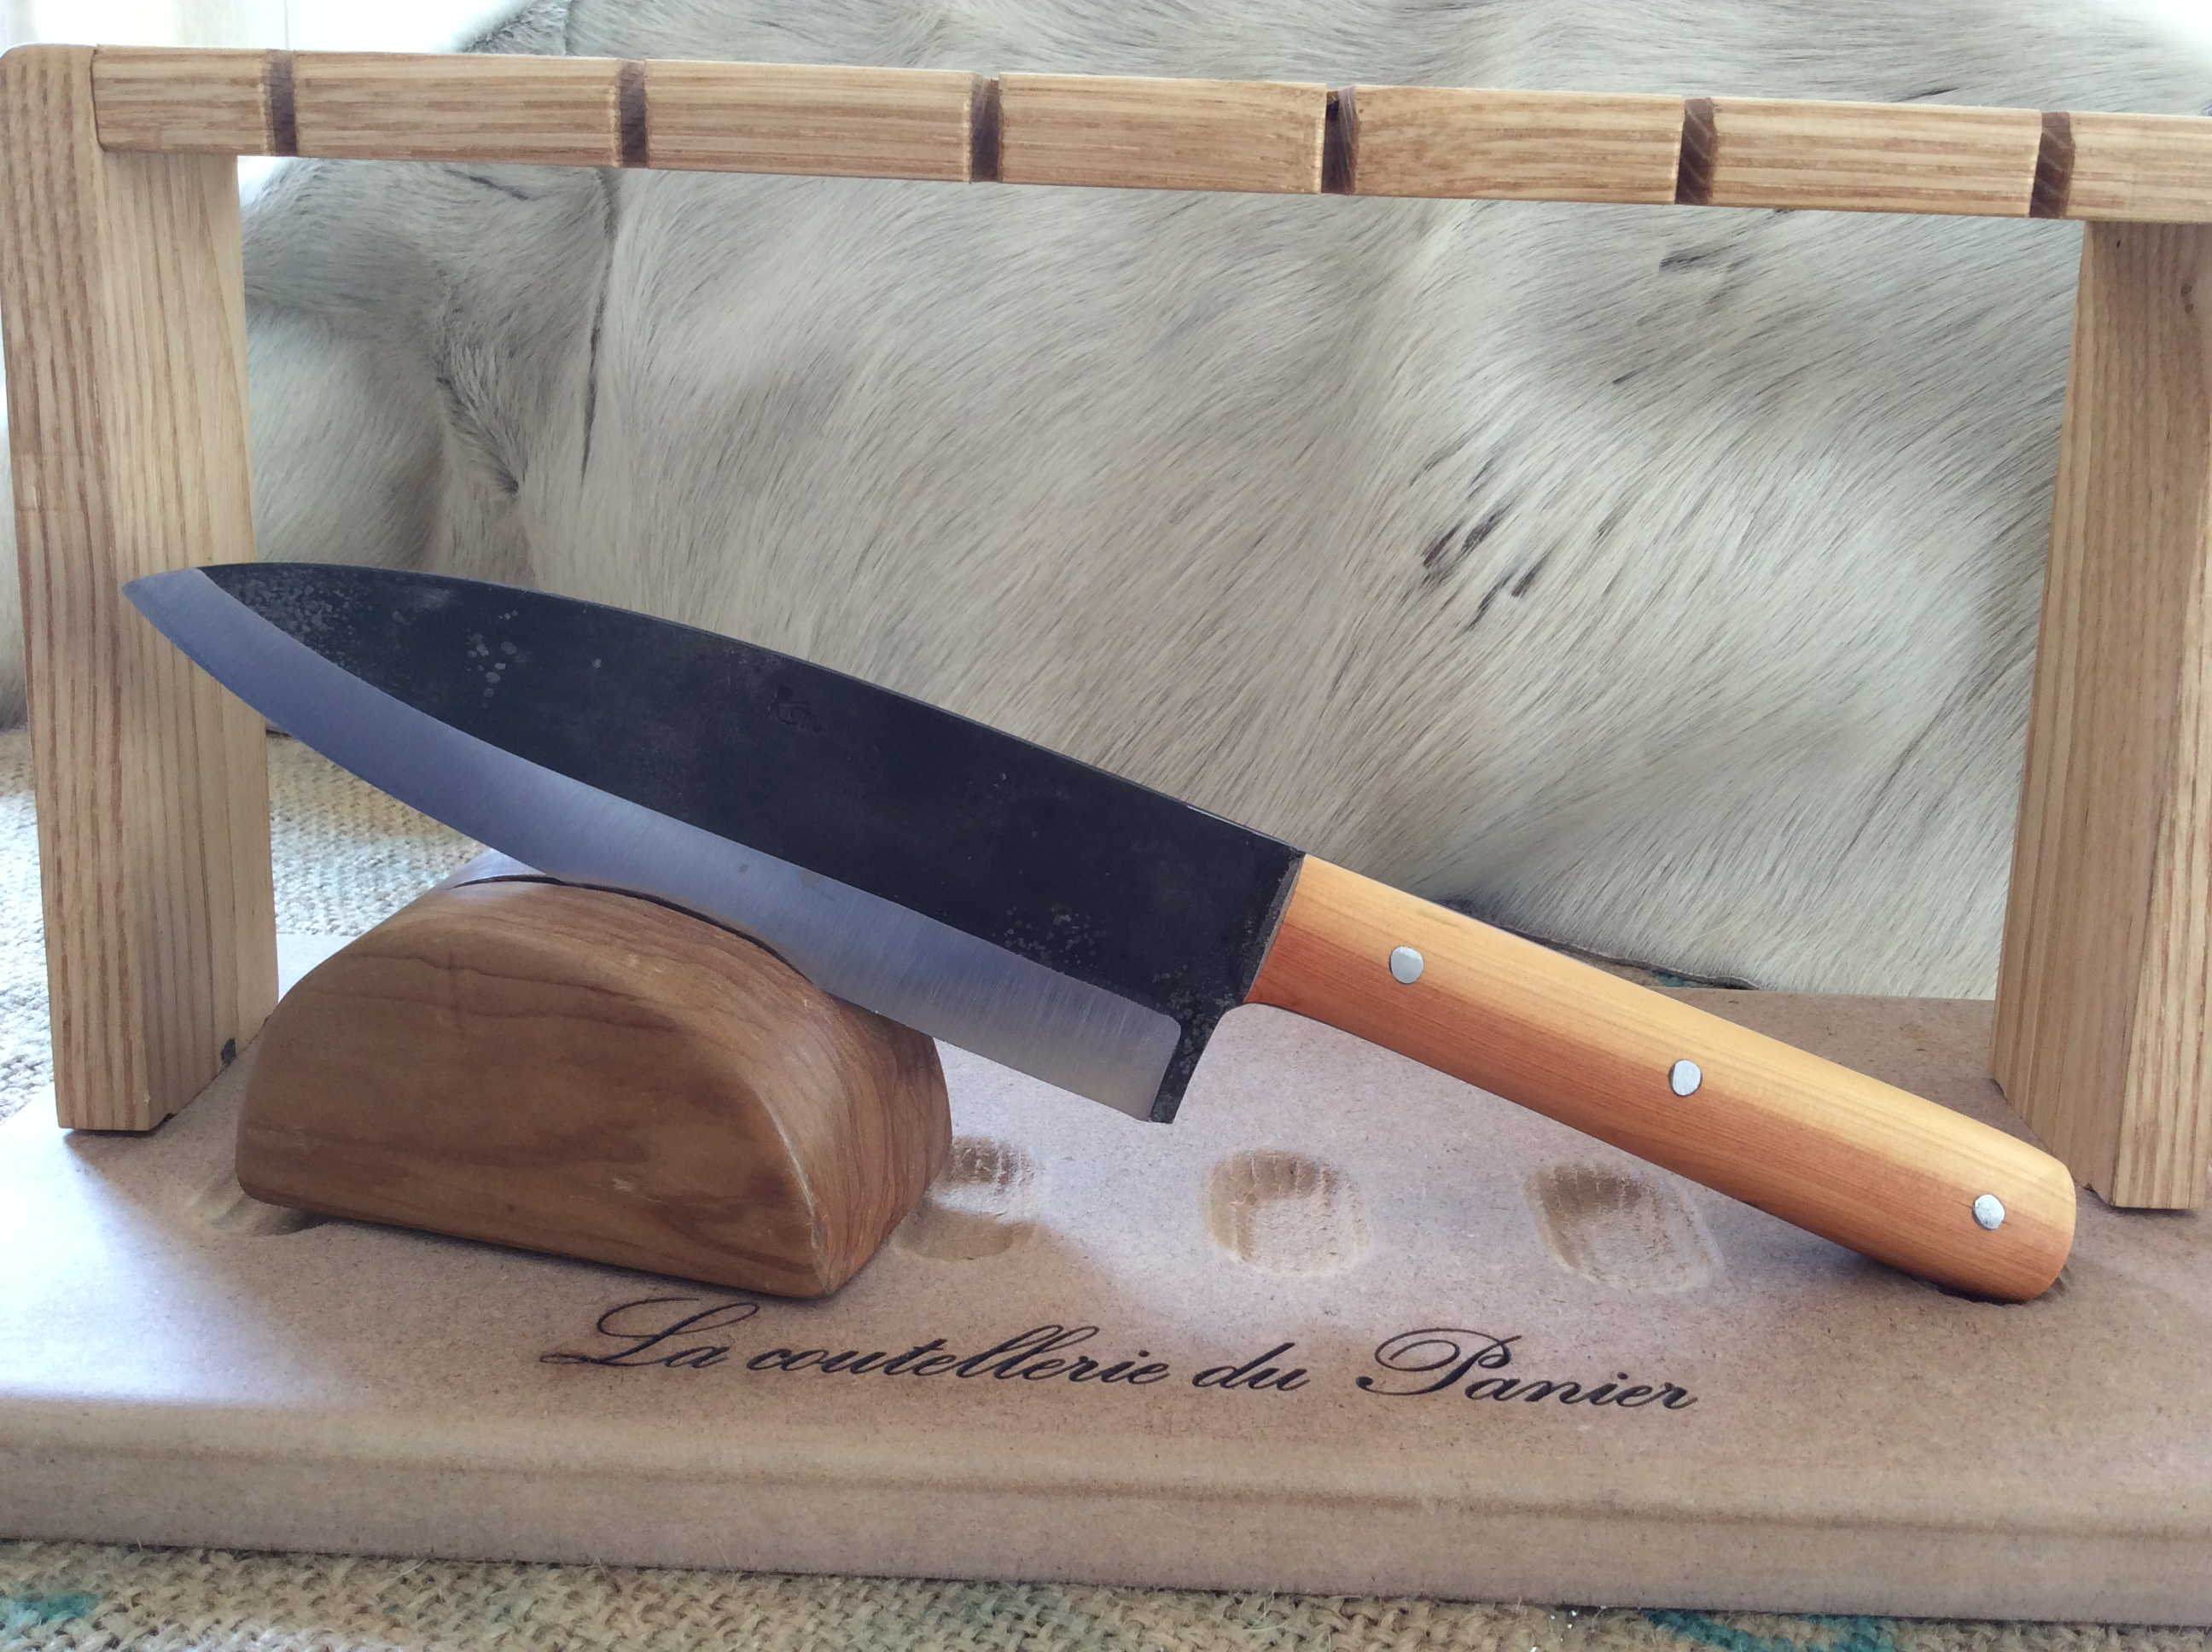 Couteau de Cuisine Ref C 0420/04